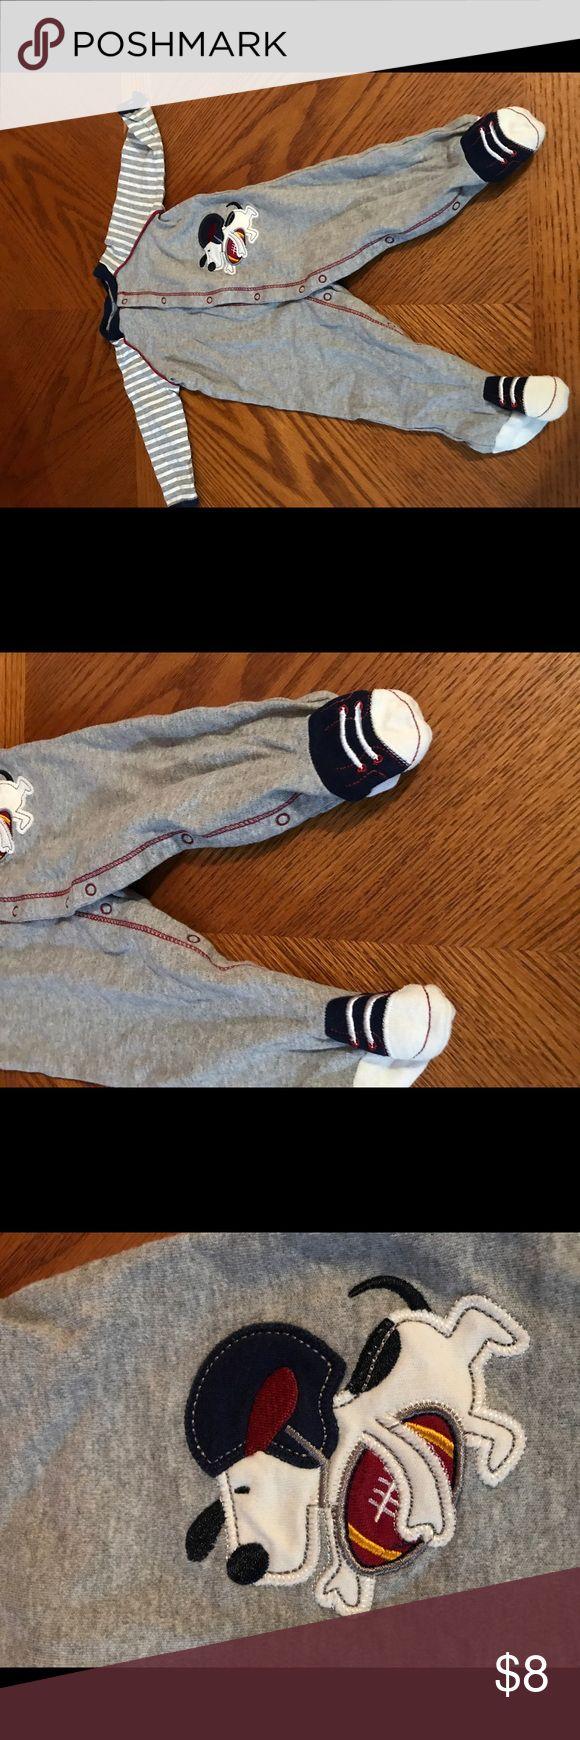 Snoopy footies pajamas👣 6M The pajamas are so adorable, comfy and warm. Pajamas